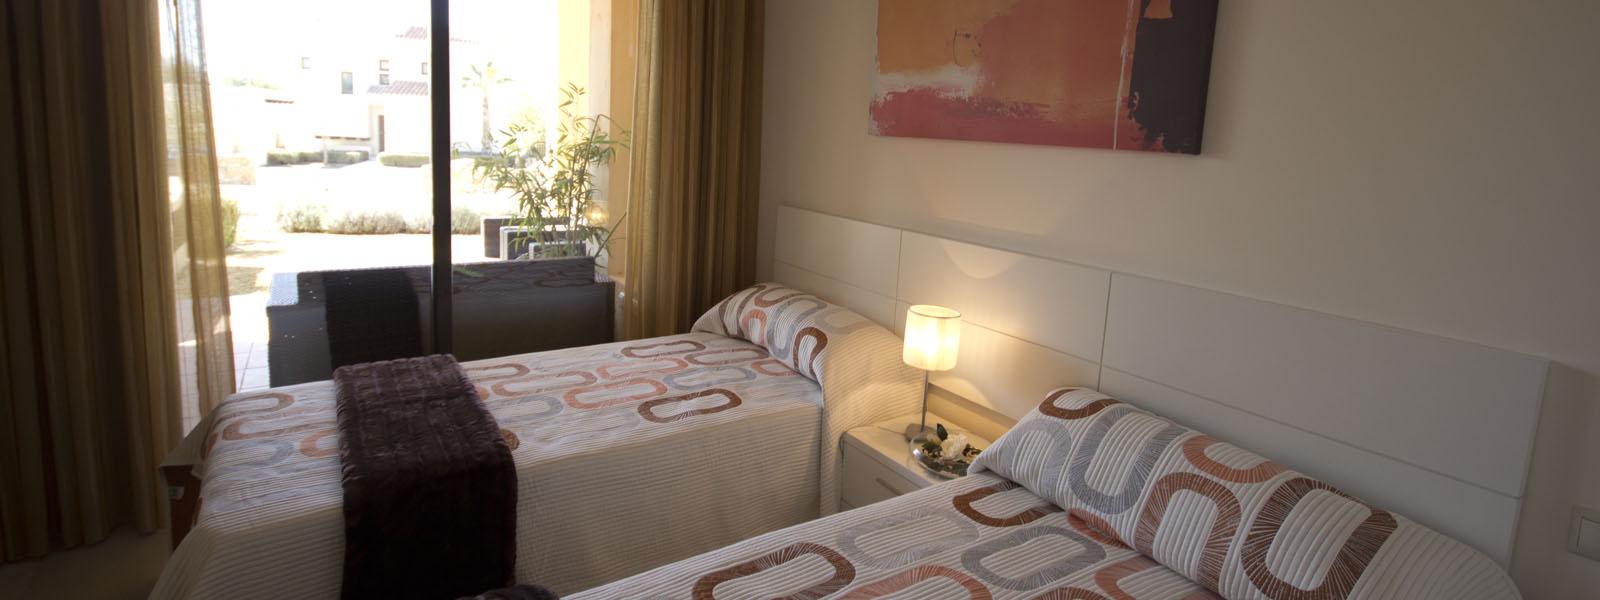 Roda bed 2